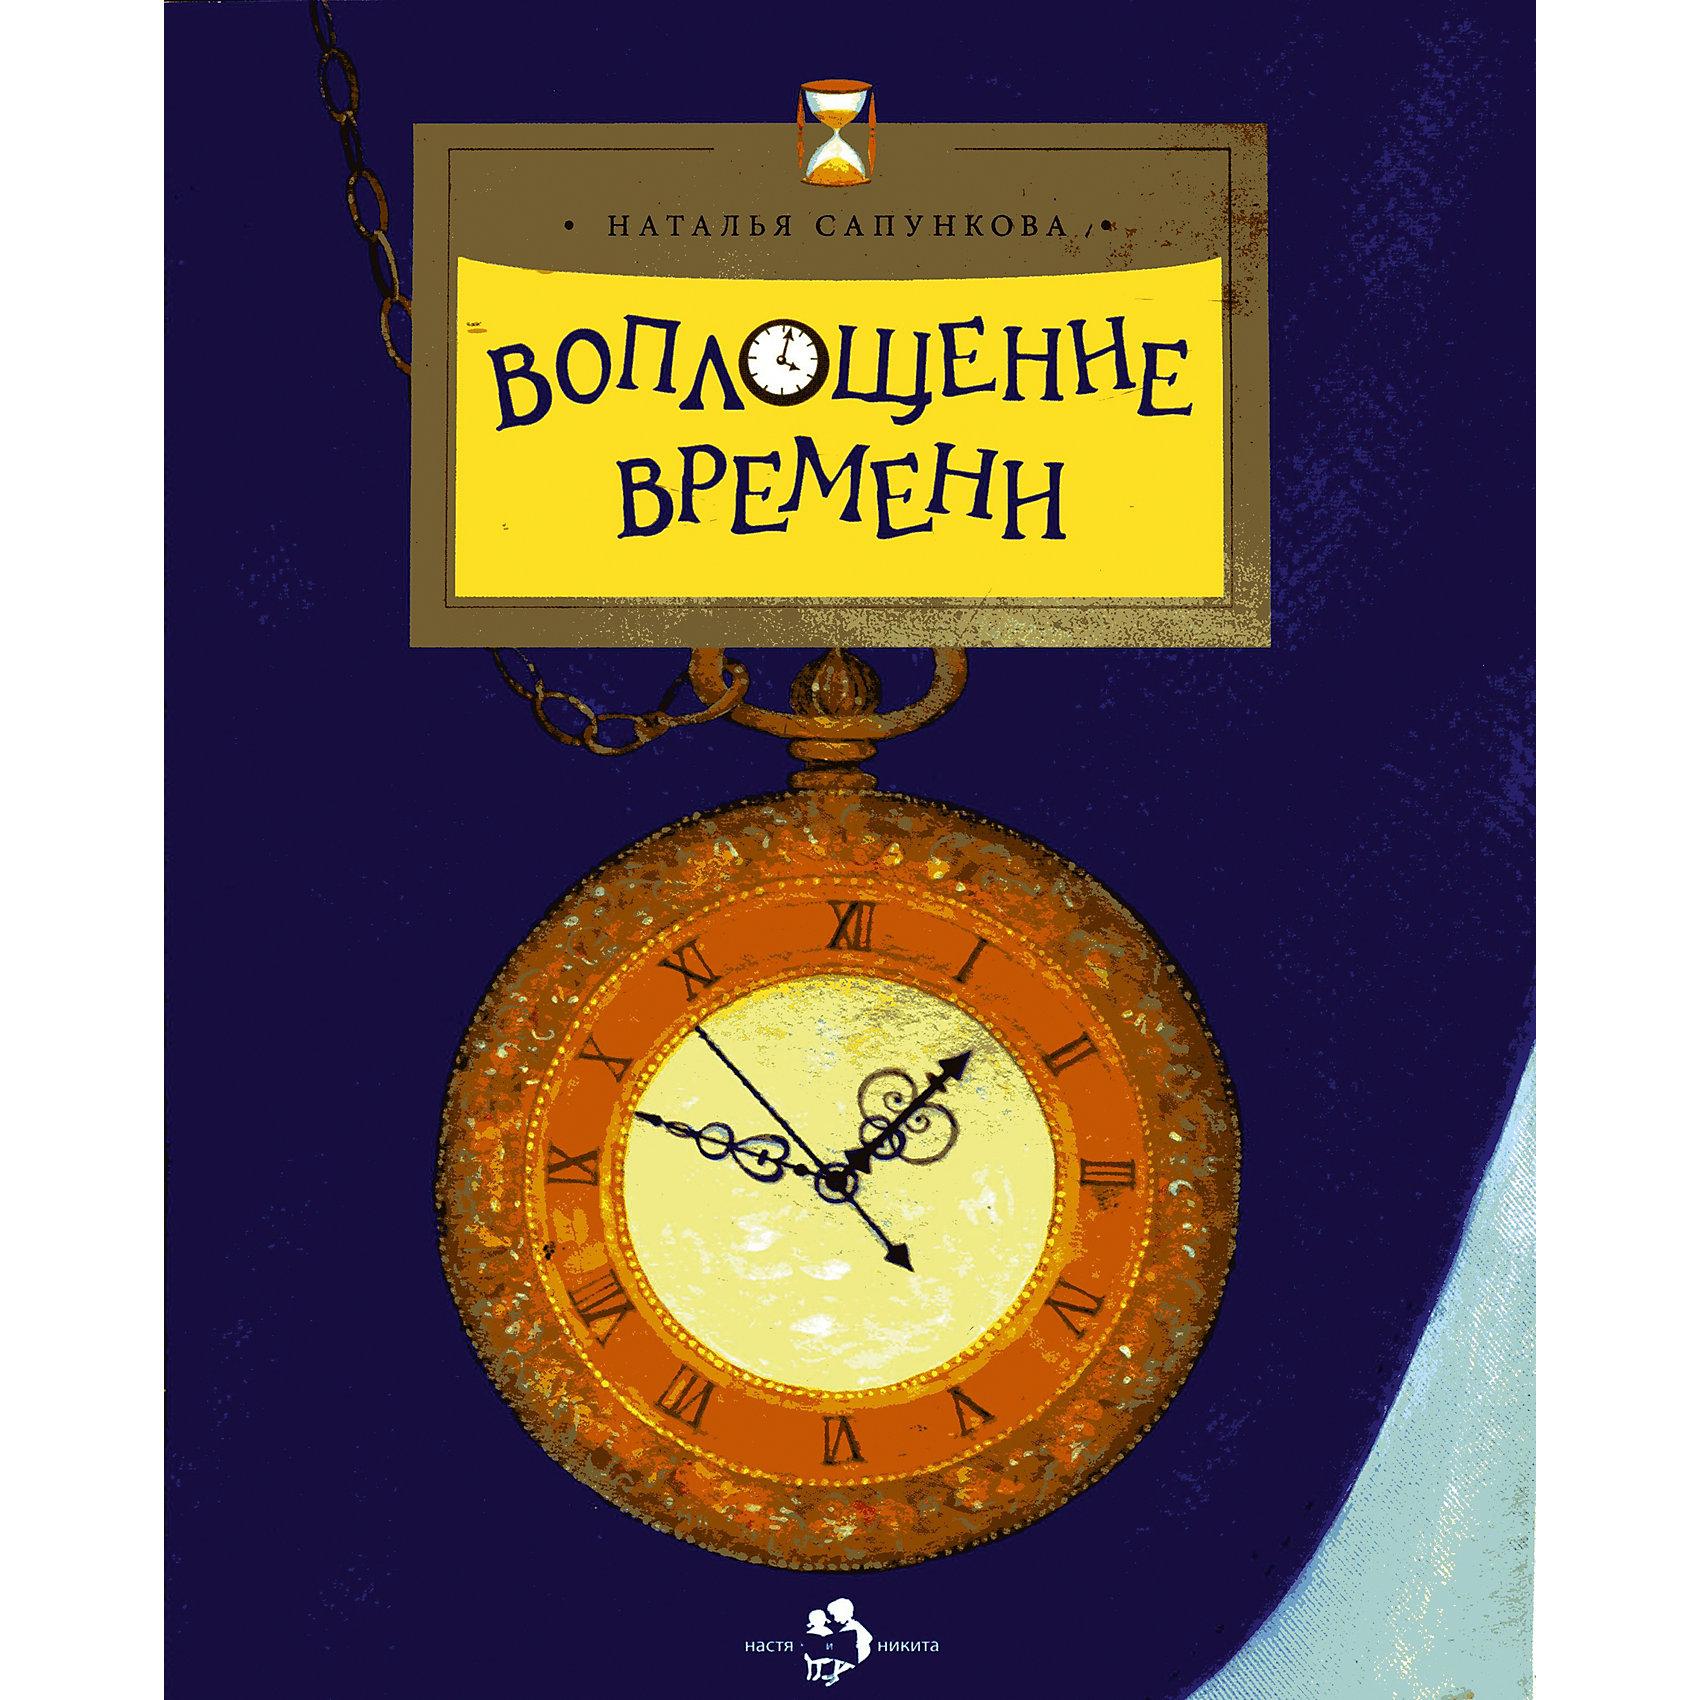 Воплощение времени, Н. СапунковаВоплощение времени, Н. Сапункова – это книга откроет юному читателю историю часов с самых древних времен до наших дней.<br>В познавательной книге Воплощение времени книжного проекта для детей Настя и Никита рассказано и на многочисленных иллюстрациях показано, как измерялось время в Древнем Египте и в Китае, что такое солнечные, водяные, песочные и огненные часы, когда появились первые часовые механизмы, какими часами пользовались европейцы и наши соотечественники в XIX-XX столетиях, как изменились часы сегодня. Ребенок узнает, что на первых механических часах Московского Кремля вращалась не стрелка, а сам циферблат, наручные часы поначалу носили только женщины, мужские же часы пристегивались цепочкой к жилету и помещались в специальный карман, а первым школьным звонком была клепсидра – водяные часы, которые играли на флейте. Увлекательная книга написана простым и доступным для детского восприятия языком и проиллюстрирована рисунками, прекрасно дополняющими повествование.<br><br>Дополнительная информация:<br><br>- Автор: Сапункова Наталья<br>- Художник: Подколзин Евгений<br>- Издательство: Настя и Никита, 2015 г.<br>- Жанр: Наука. Техника. Транспорт<br>- Тип обложки: мягкий переплет (крепление скрепкой или клеем)<br>- Иллюстрации: цветные<br>- Количество страниц: 24 (офсет)<br>- Размер: 270x210x2 мм.<br>- Вес: 92 гр.<br><br>Книгу «Воплощение времени», Н. Сапункова можно купить в нашем интернет-магазине.<br><br>Ширина мм: 210<br>Глубина мм: 2<br>Высота мм: 268<br>Вес г: 160<br>Возраст от месяцев: 72<br>Возраст до месяцев: 108<br>Пол: Унисекс<br>Возраст: Детский<br>SKU: 4522357